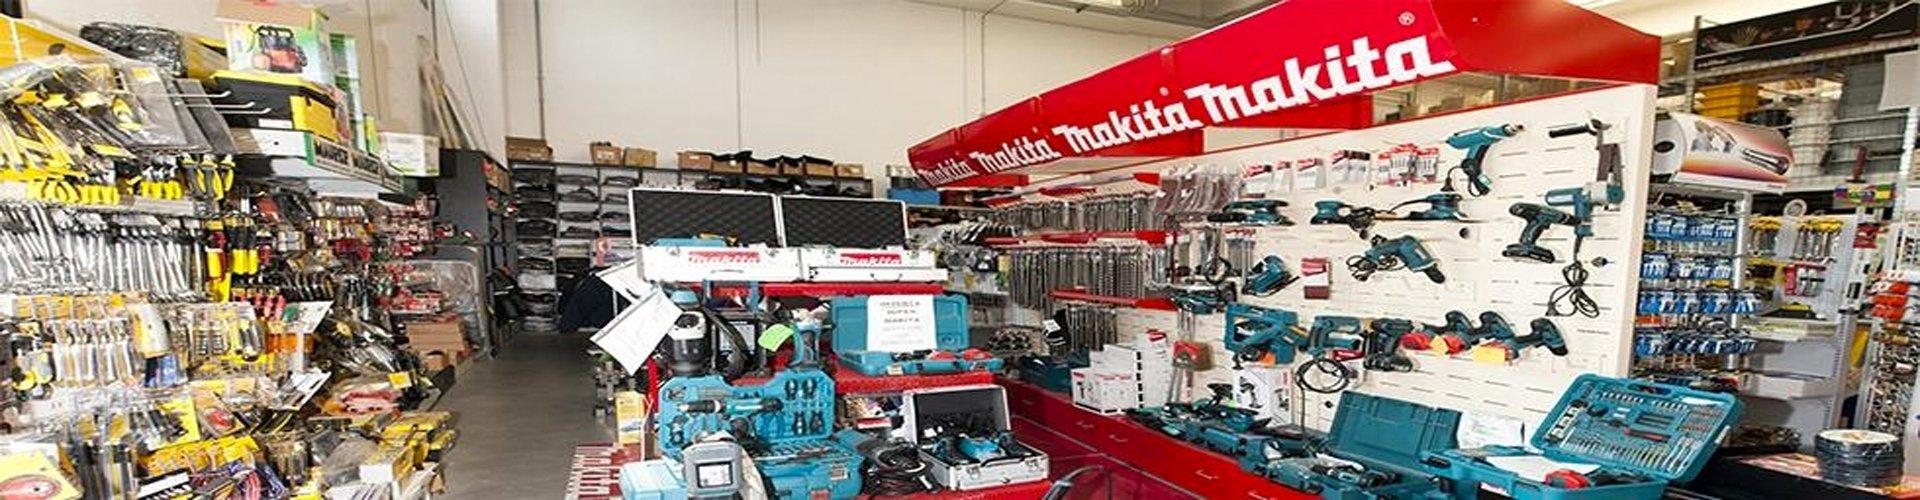 interno del negozio di ferramenta